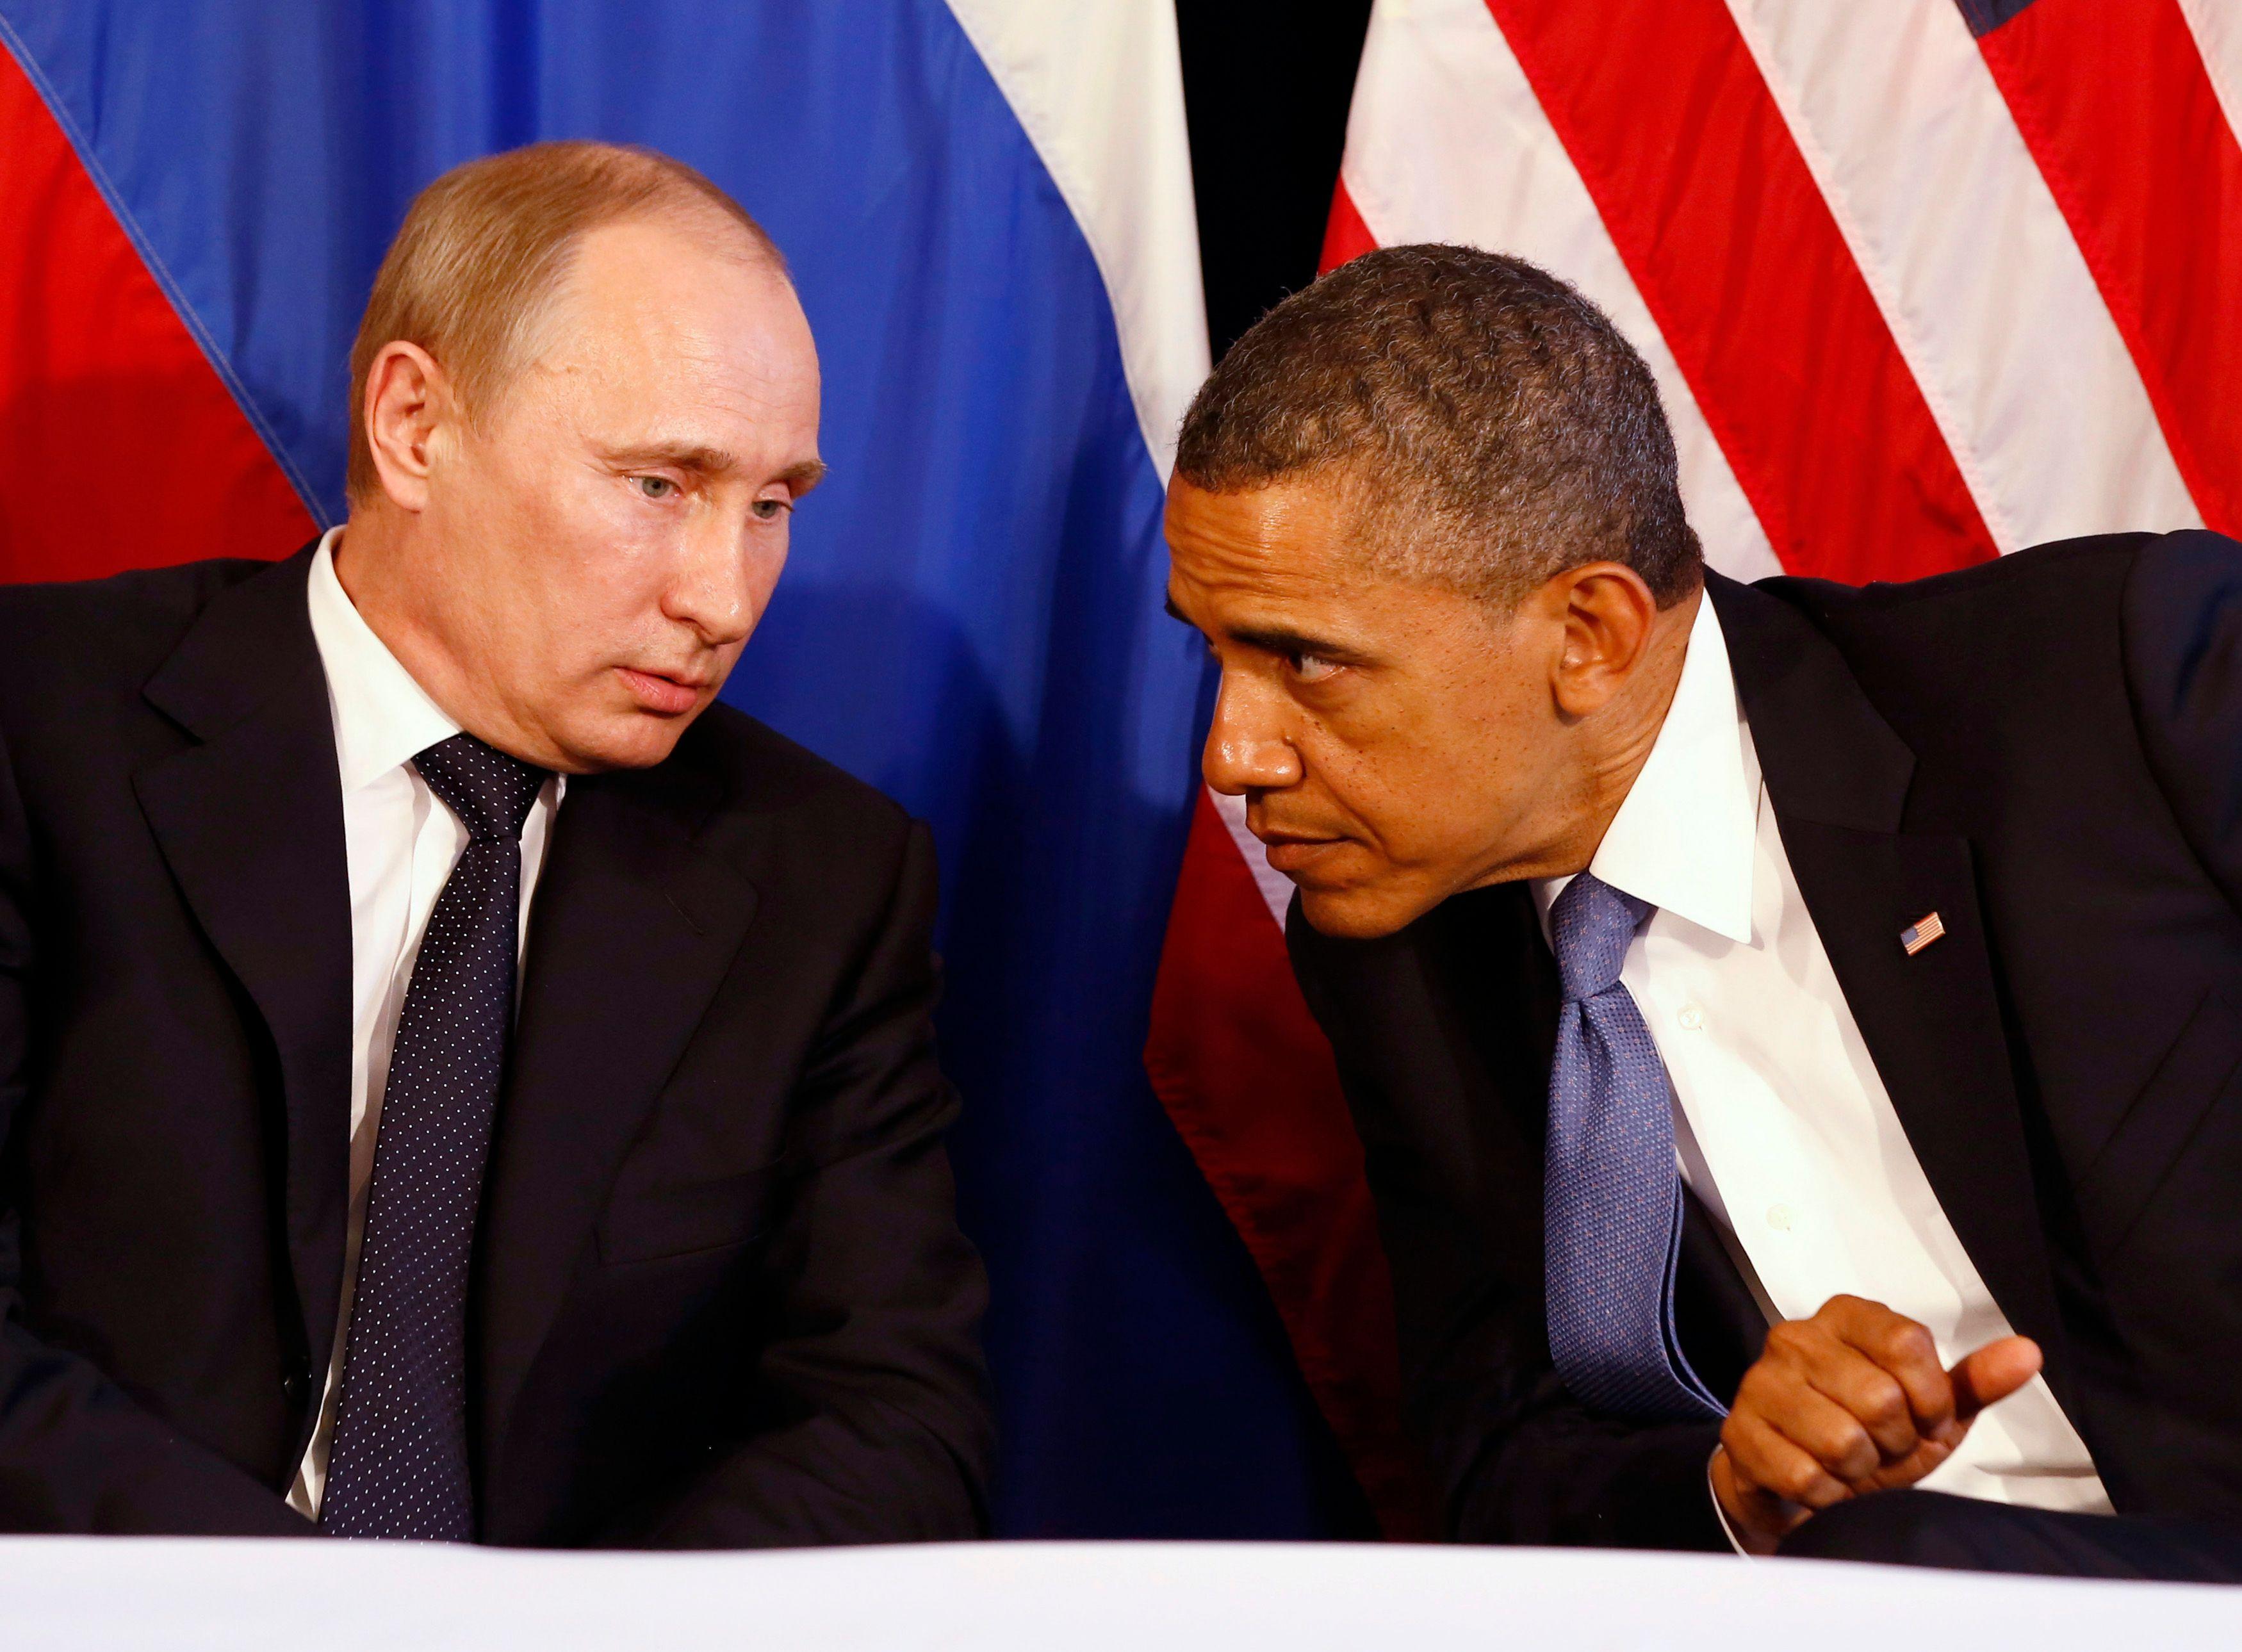 Vladimir Poutine s'oppose toujours à Barack Obama sur la question syrienne. Un retour de la Guerre froide ?